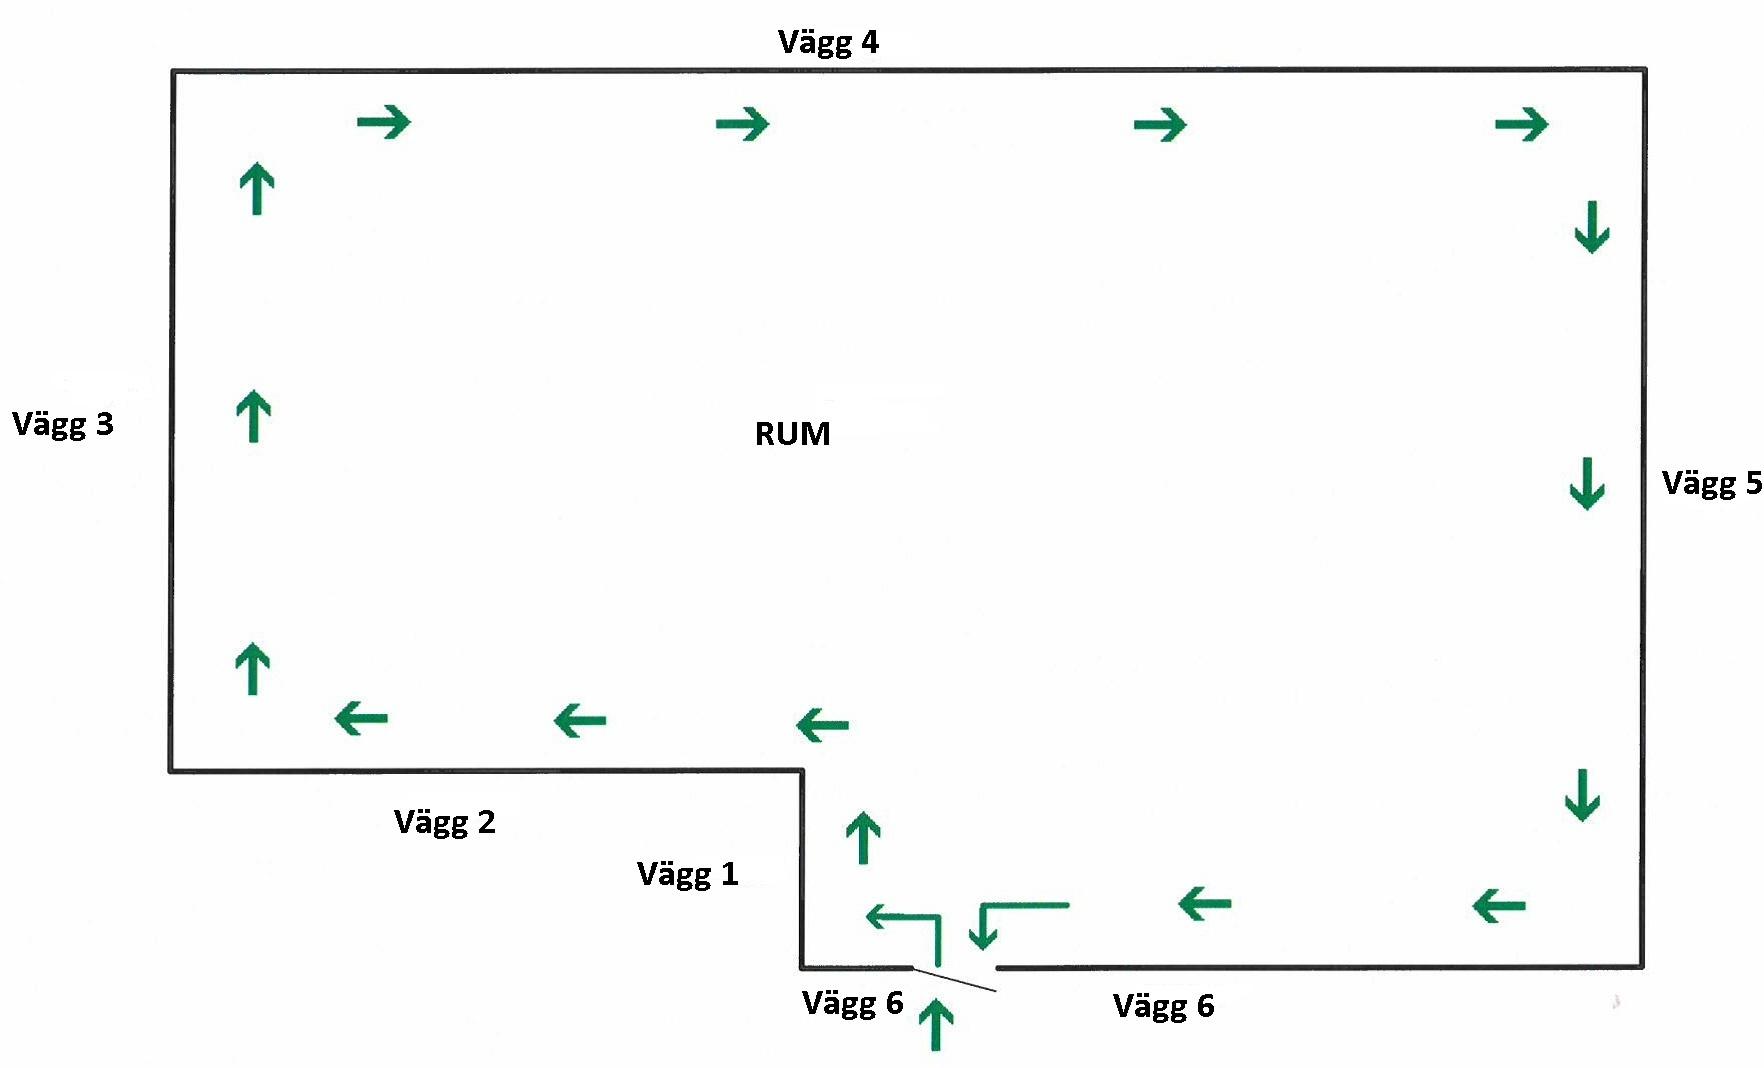 Väggbeskrivning Besiktning - hur man rör sig klockvis genom rummet vid besiktning